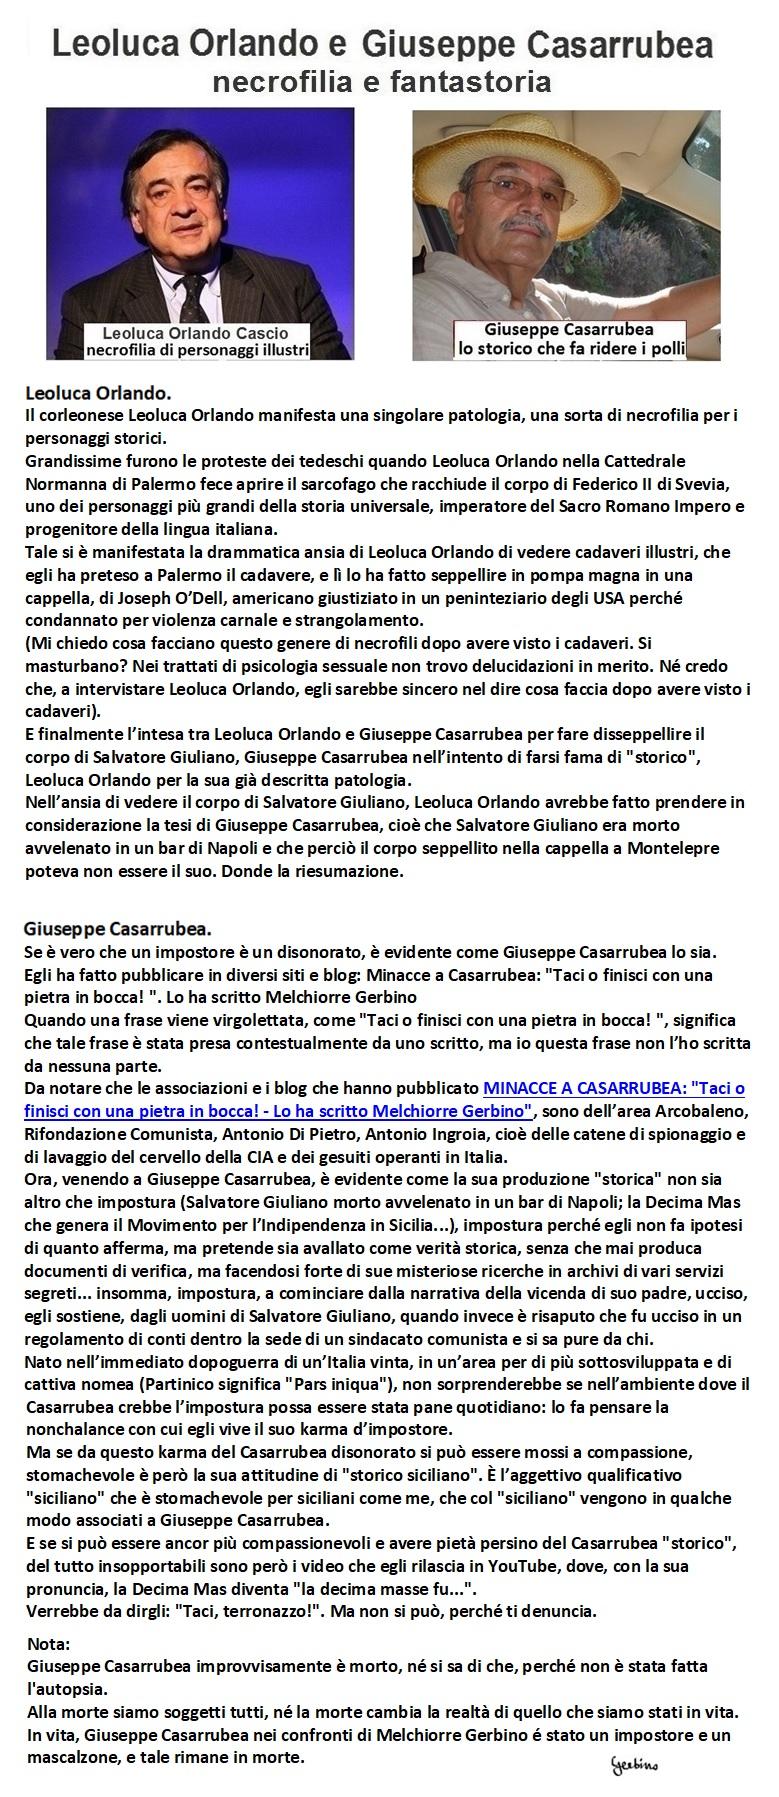 La necrofilia di Leoluca Orlando e la fantastoria di Giuseppe Casarrubea